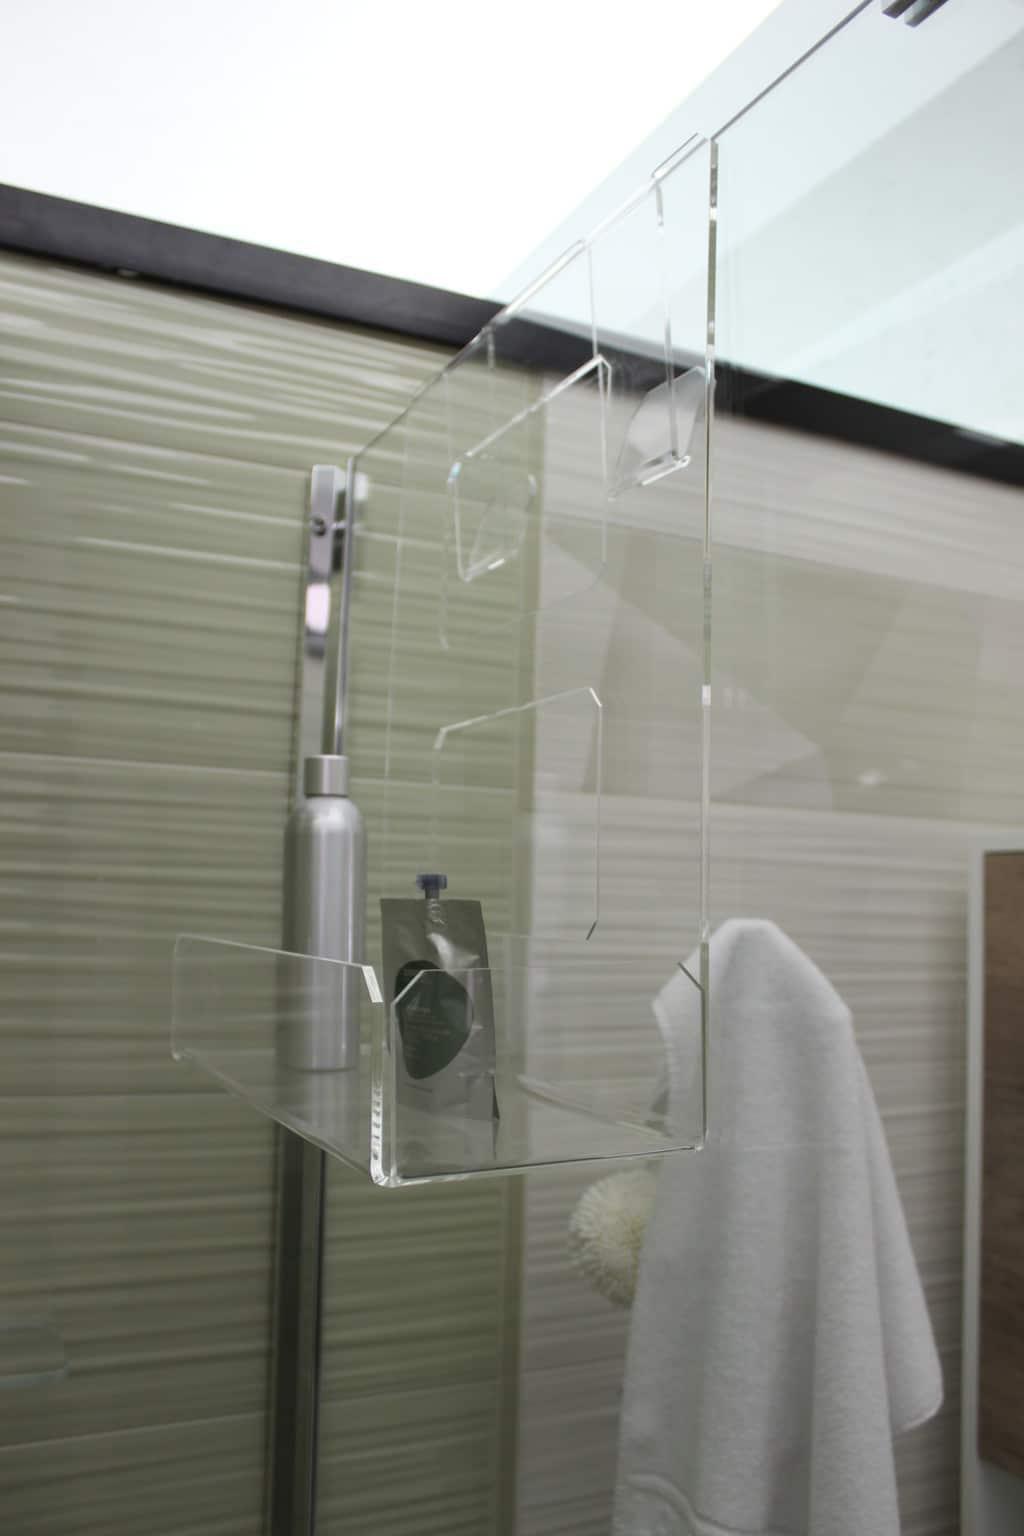 Accessori Portasapone Per Doccia.Portasapone Doccia In Plexiglass Con 2 Porta Asciugamani Mensola Per Doccia